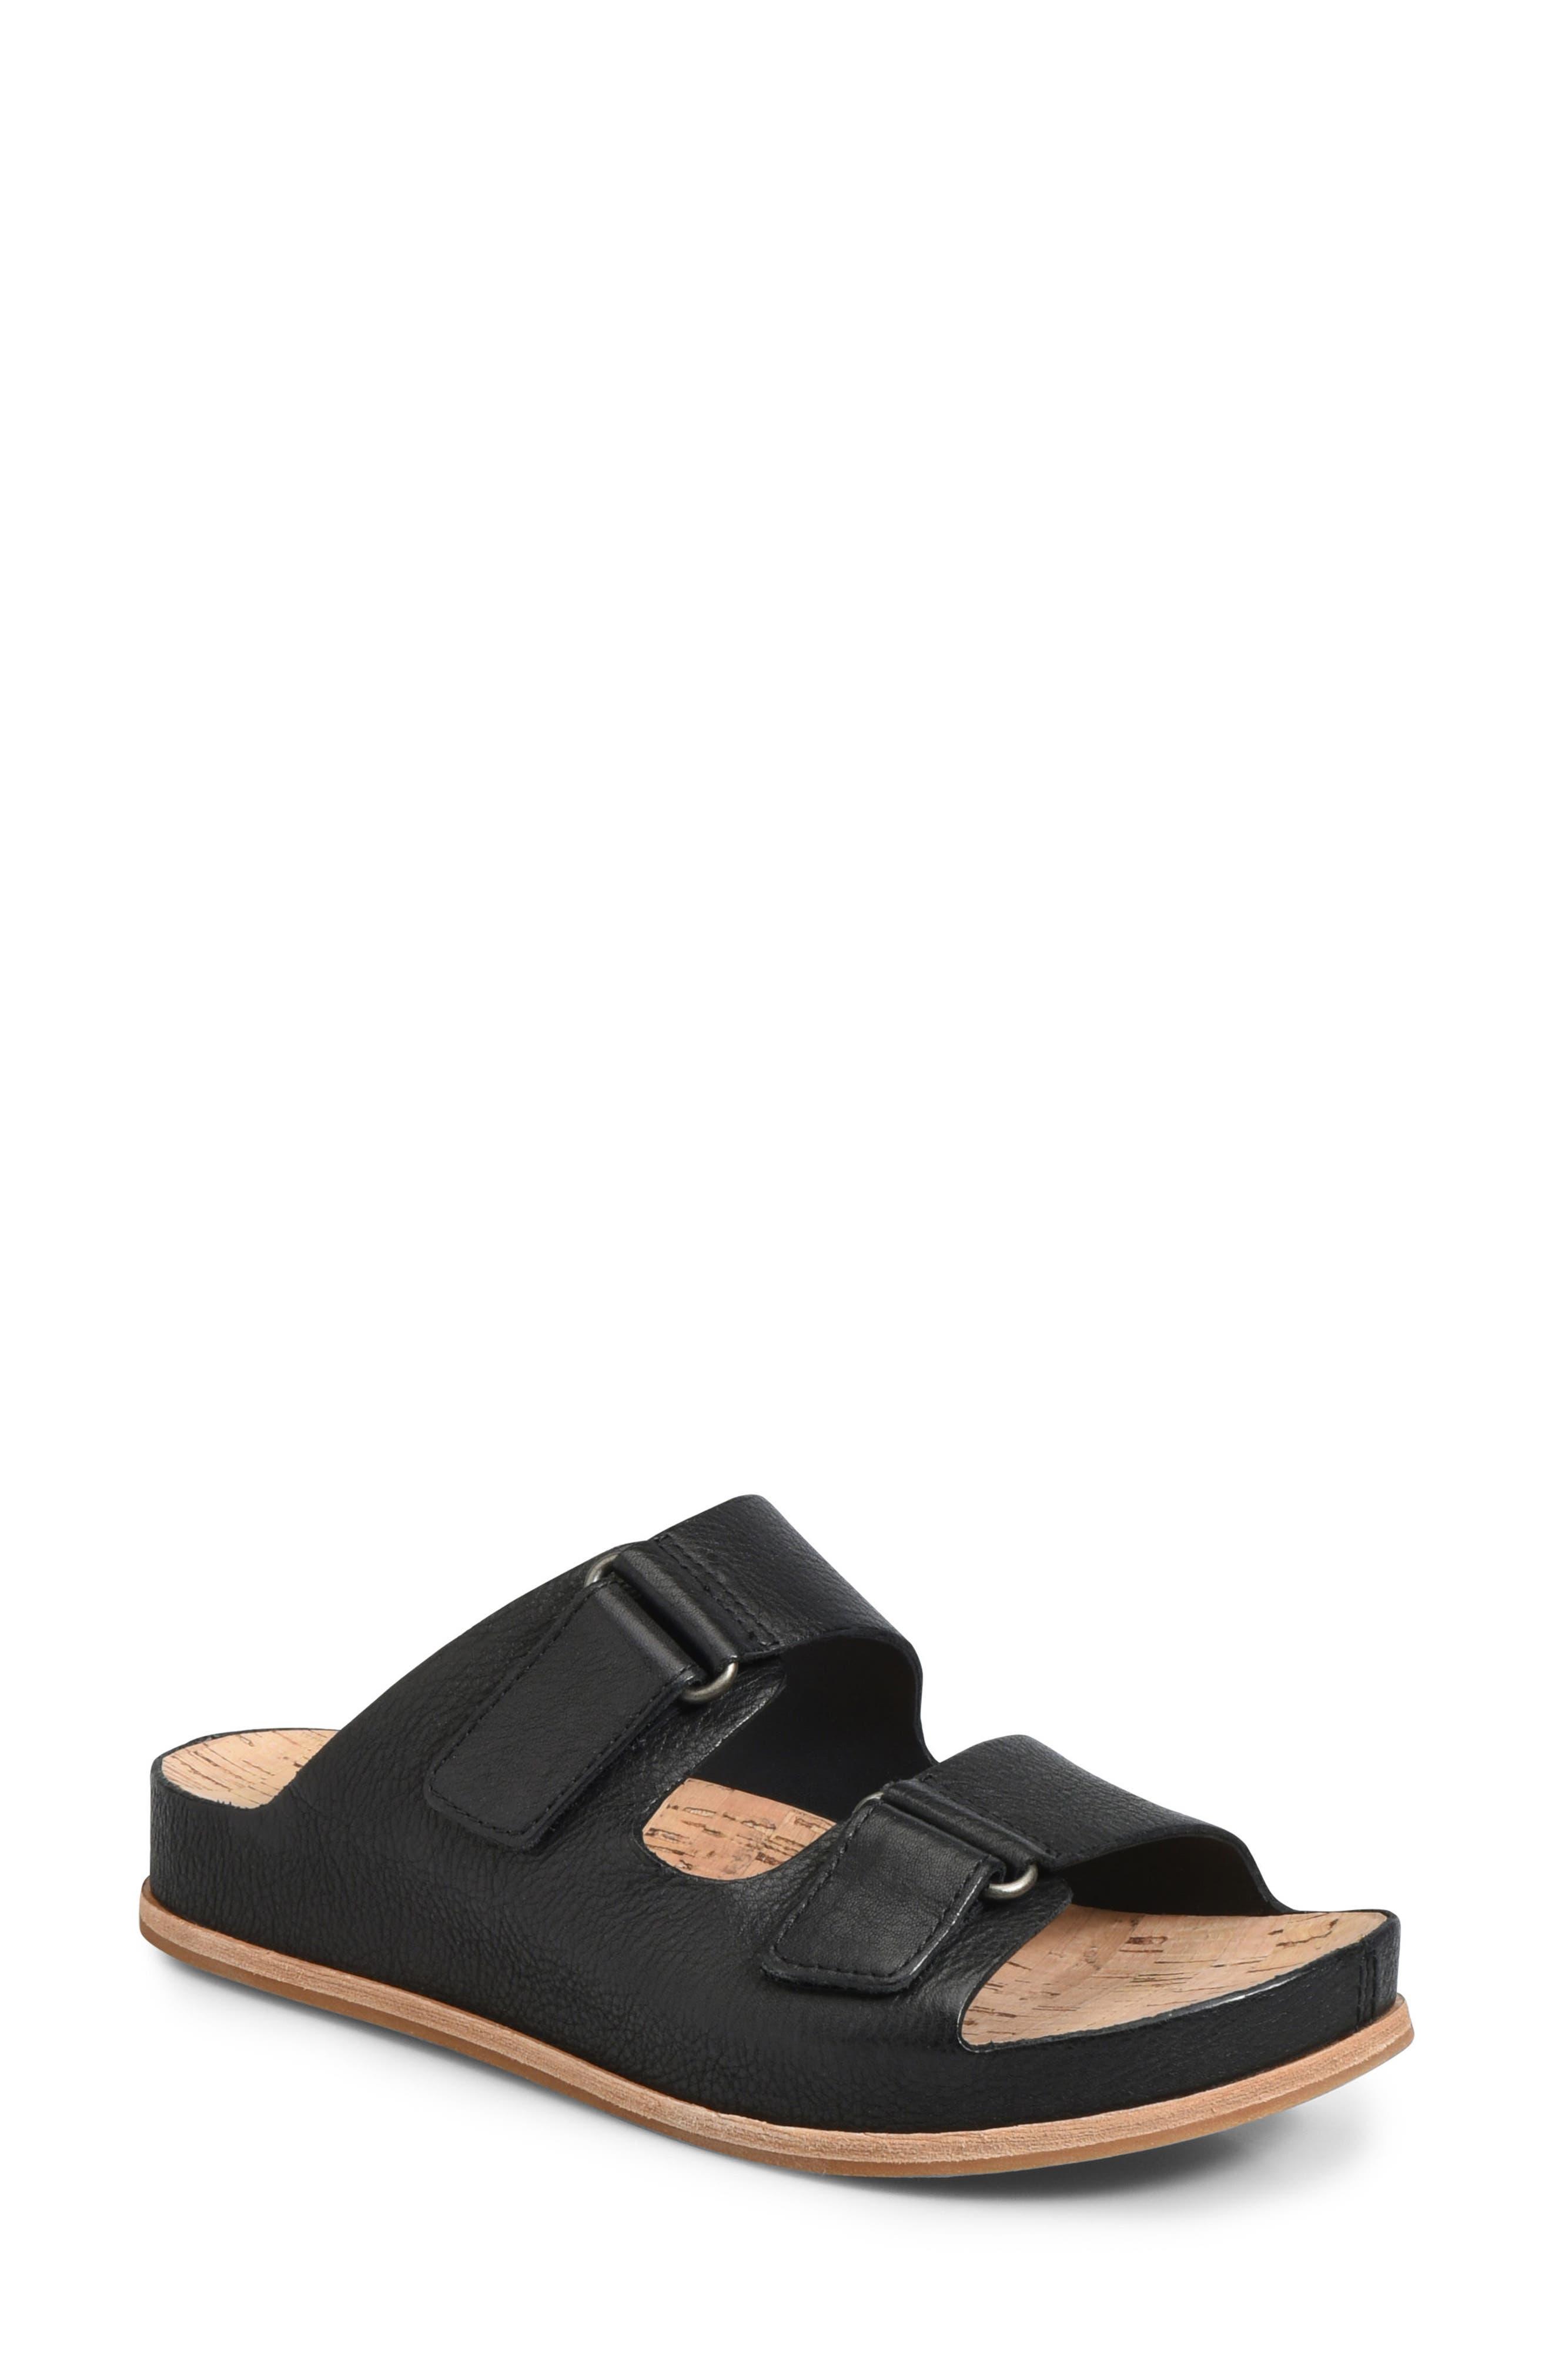 Kork-Ease Torreya Slide Sandal, Black